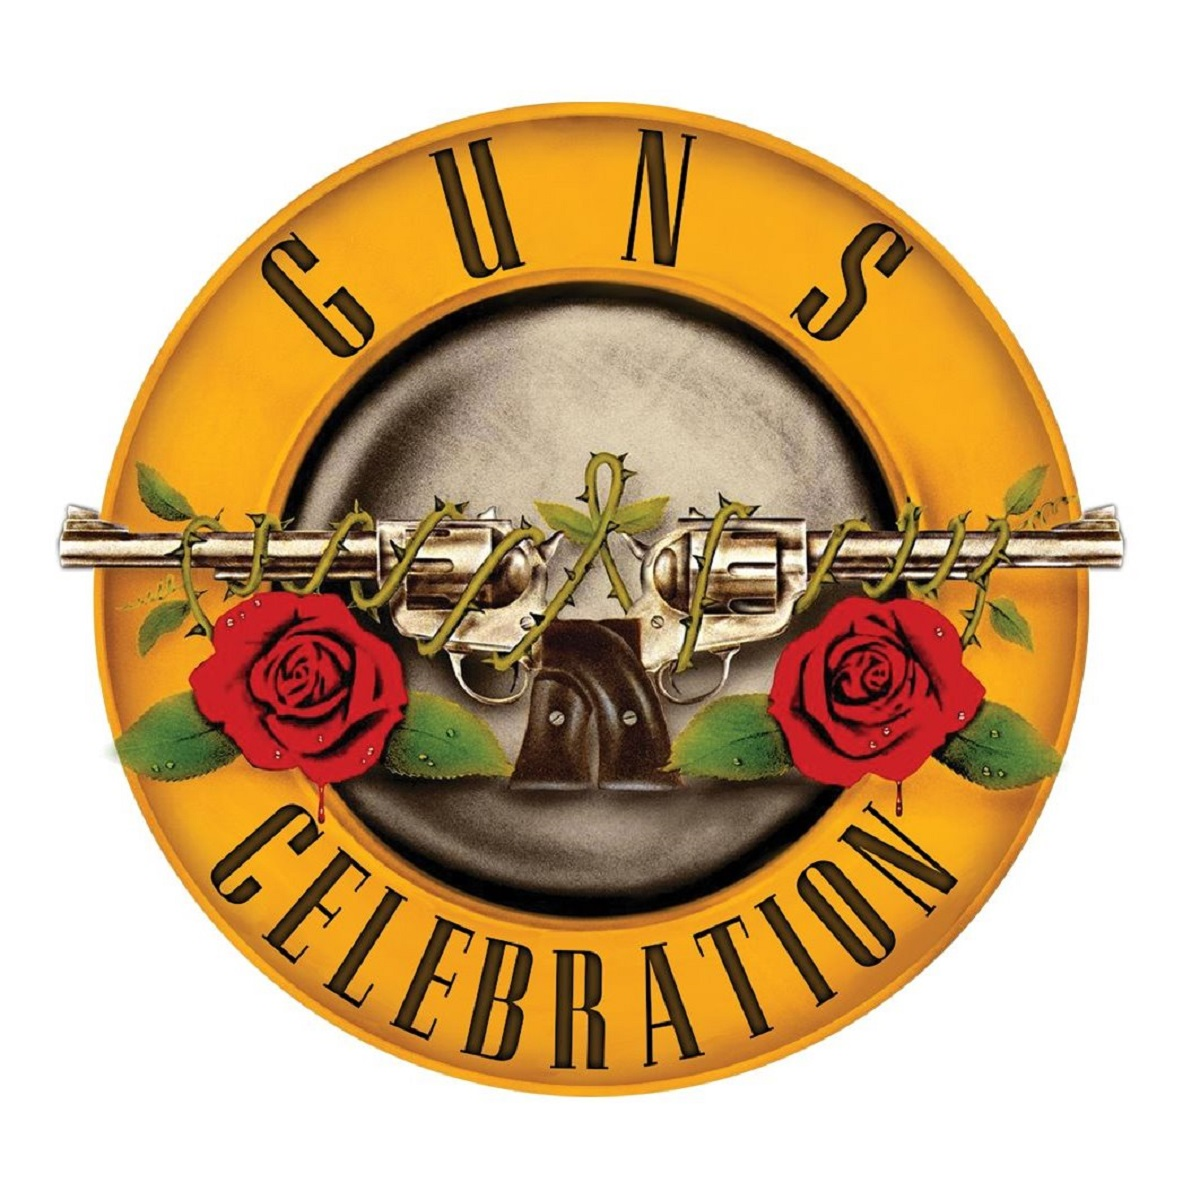 Guns Celebration presso Schiavone & Co 24 luglio 2021 foto